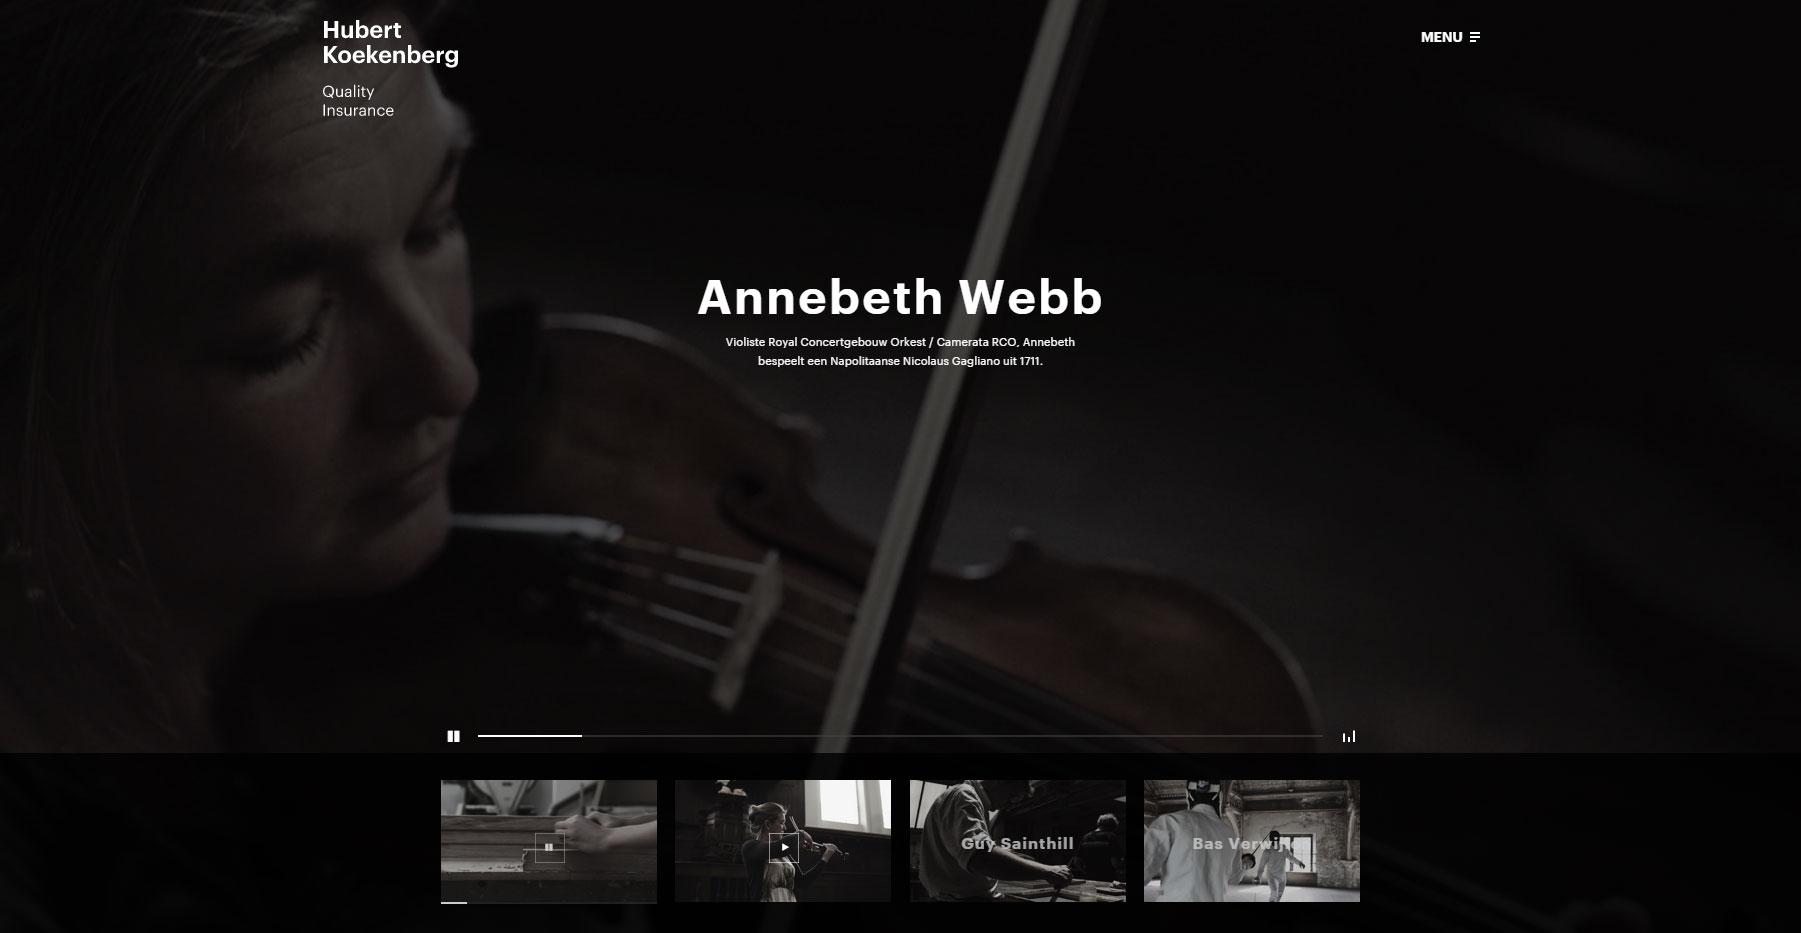 Hubert Koekenberg - Website of the Day